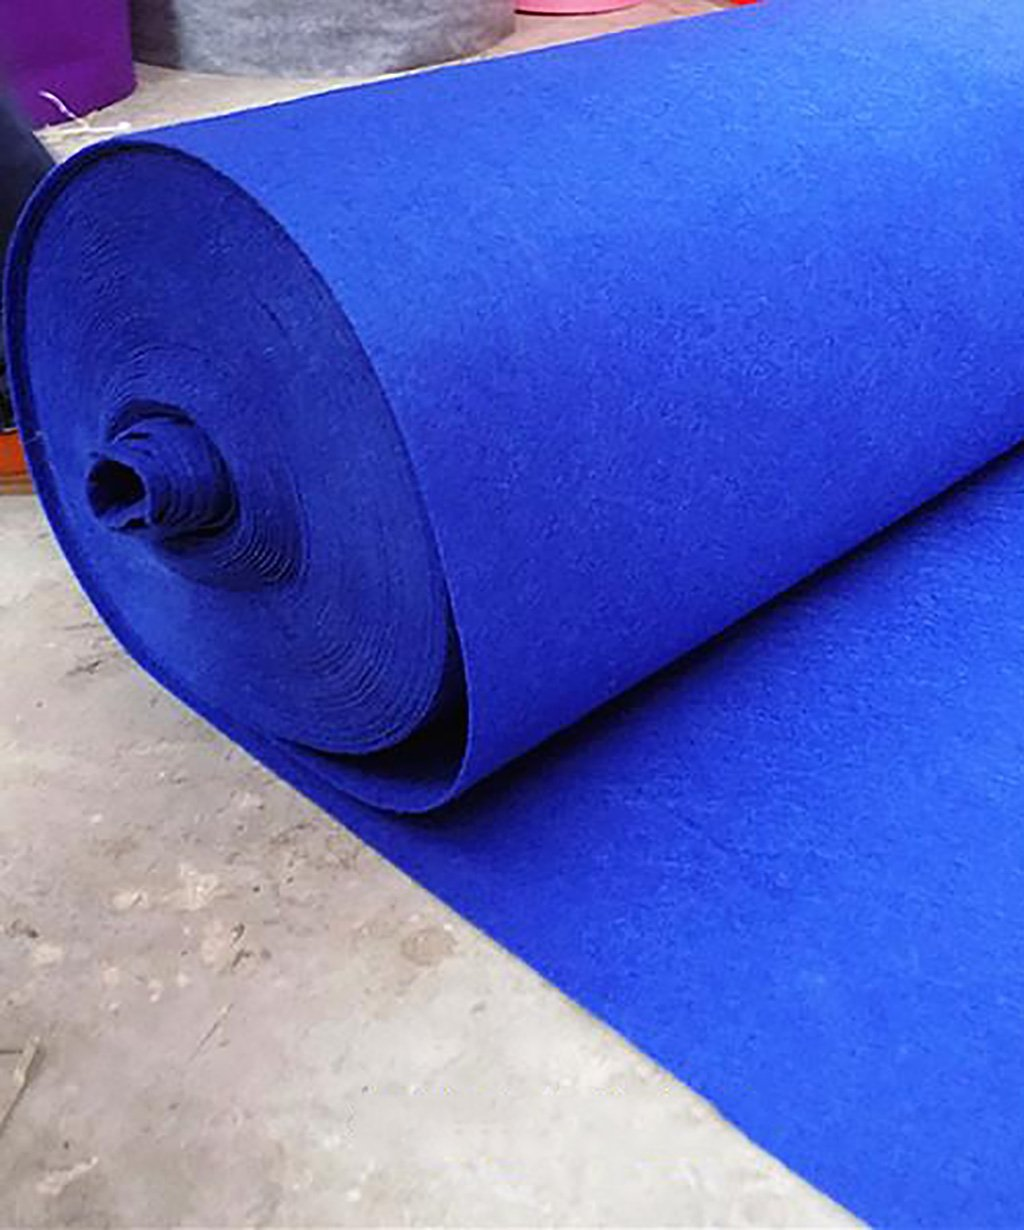 Non-tiss/és 1,8 mm d/épaisseur 8 Tailles Facultatif Bleu gemme QiangDa Tapis Mariage Passage D/église jetable Taille : 1m*10m